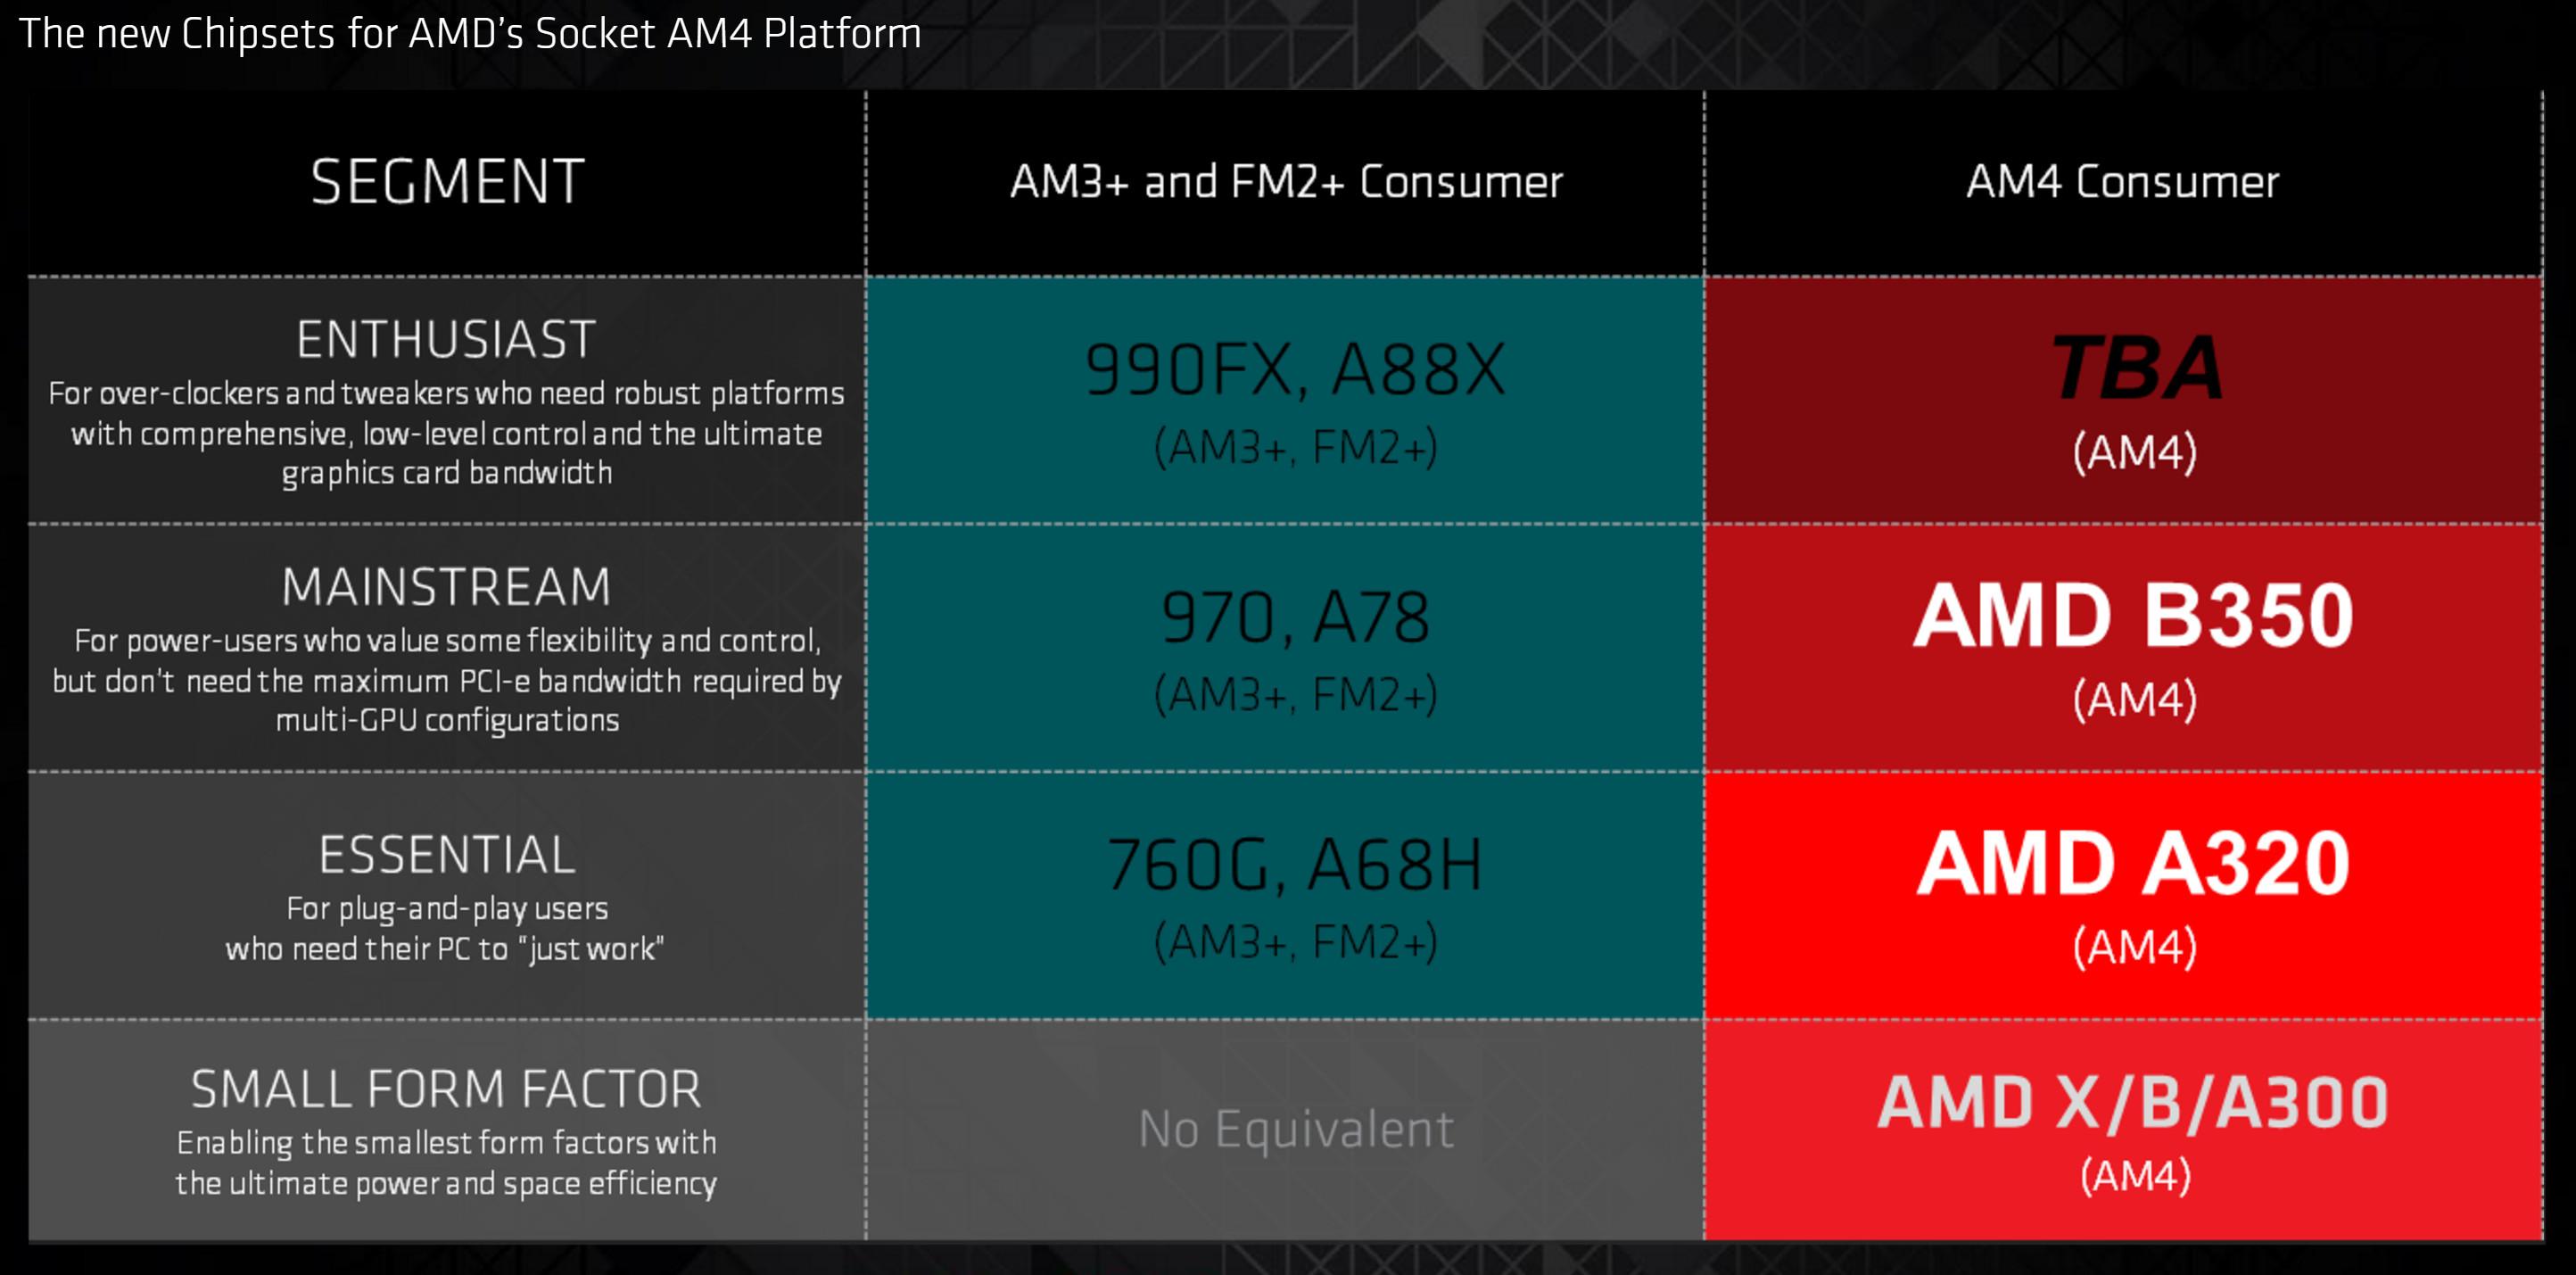 AMD Presenta La 7a Generacion De Procesadores A Series